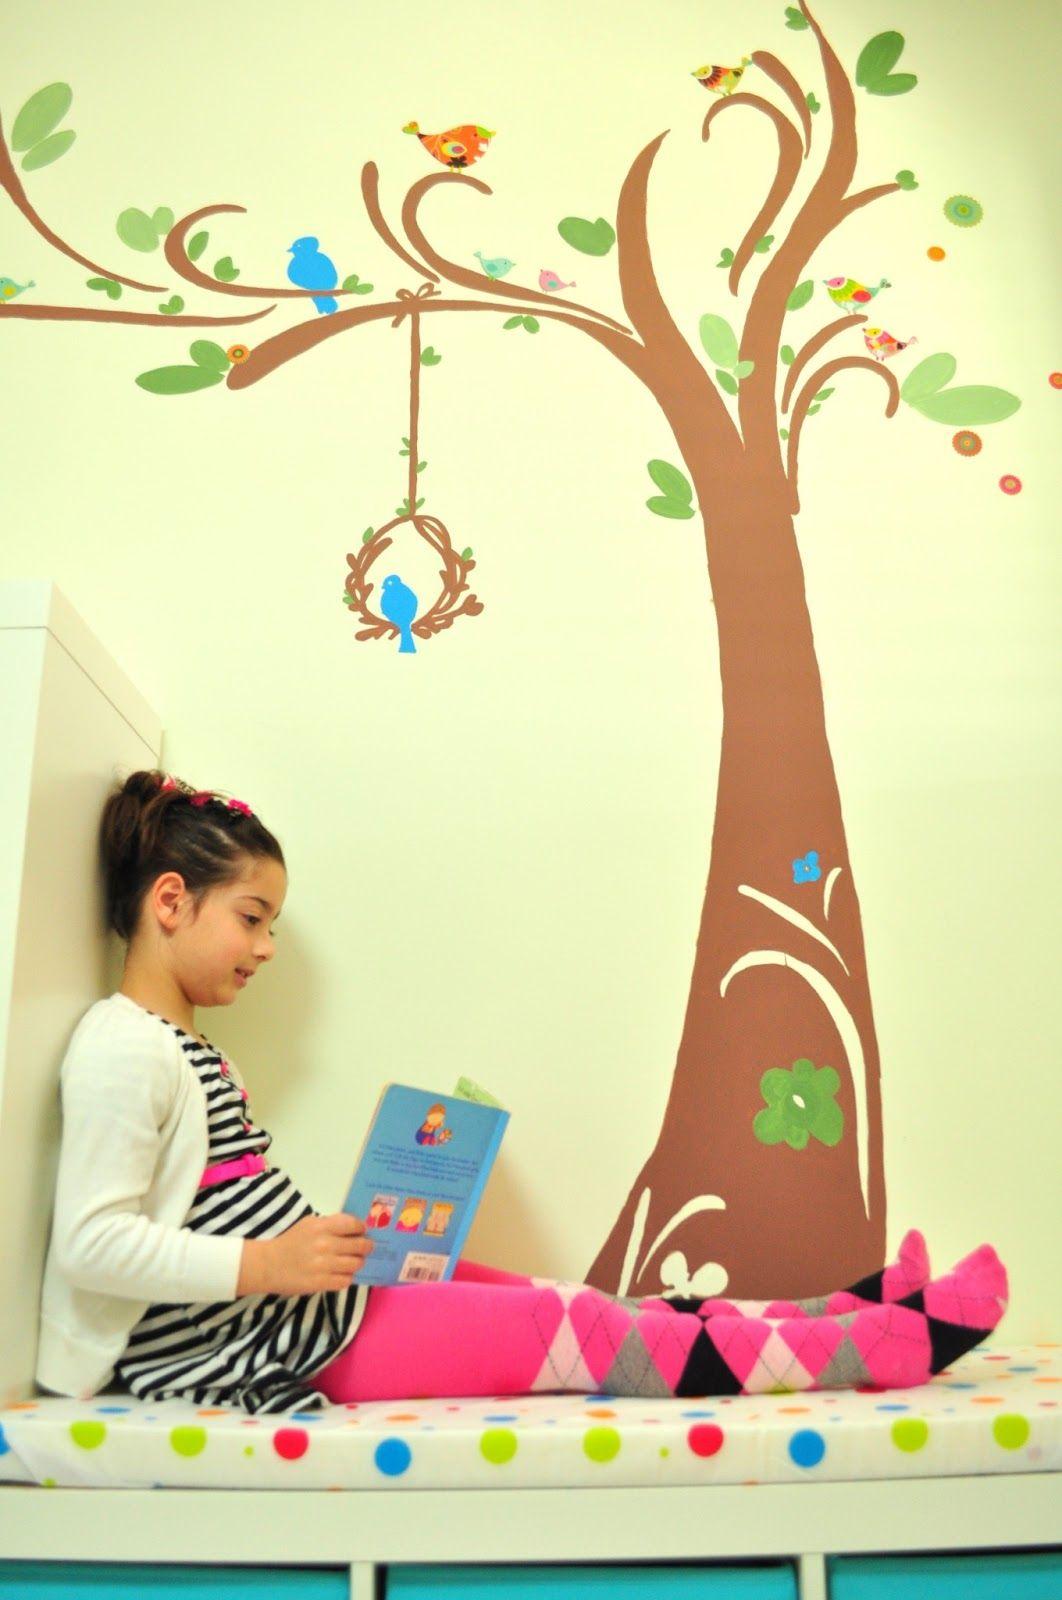 DIY wall painting | Wall murals | Pinterest | Diy wall painting, Diy ...